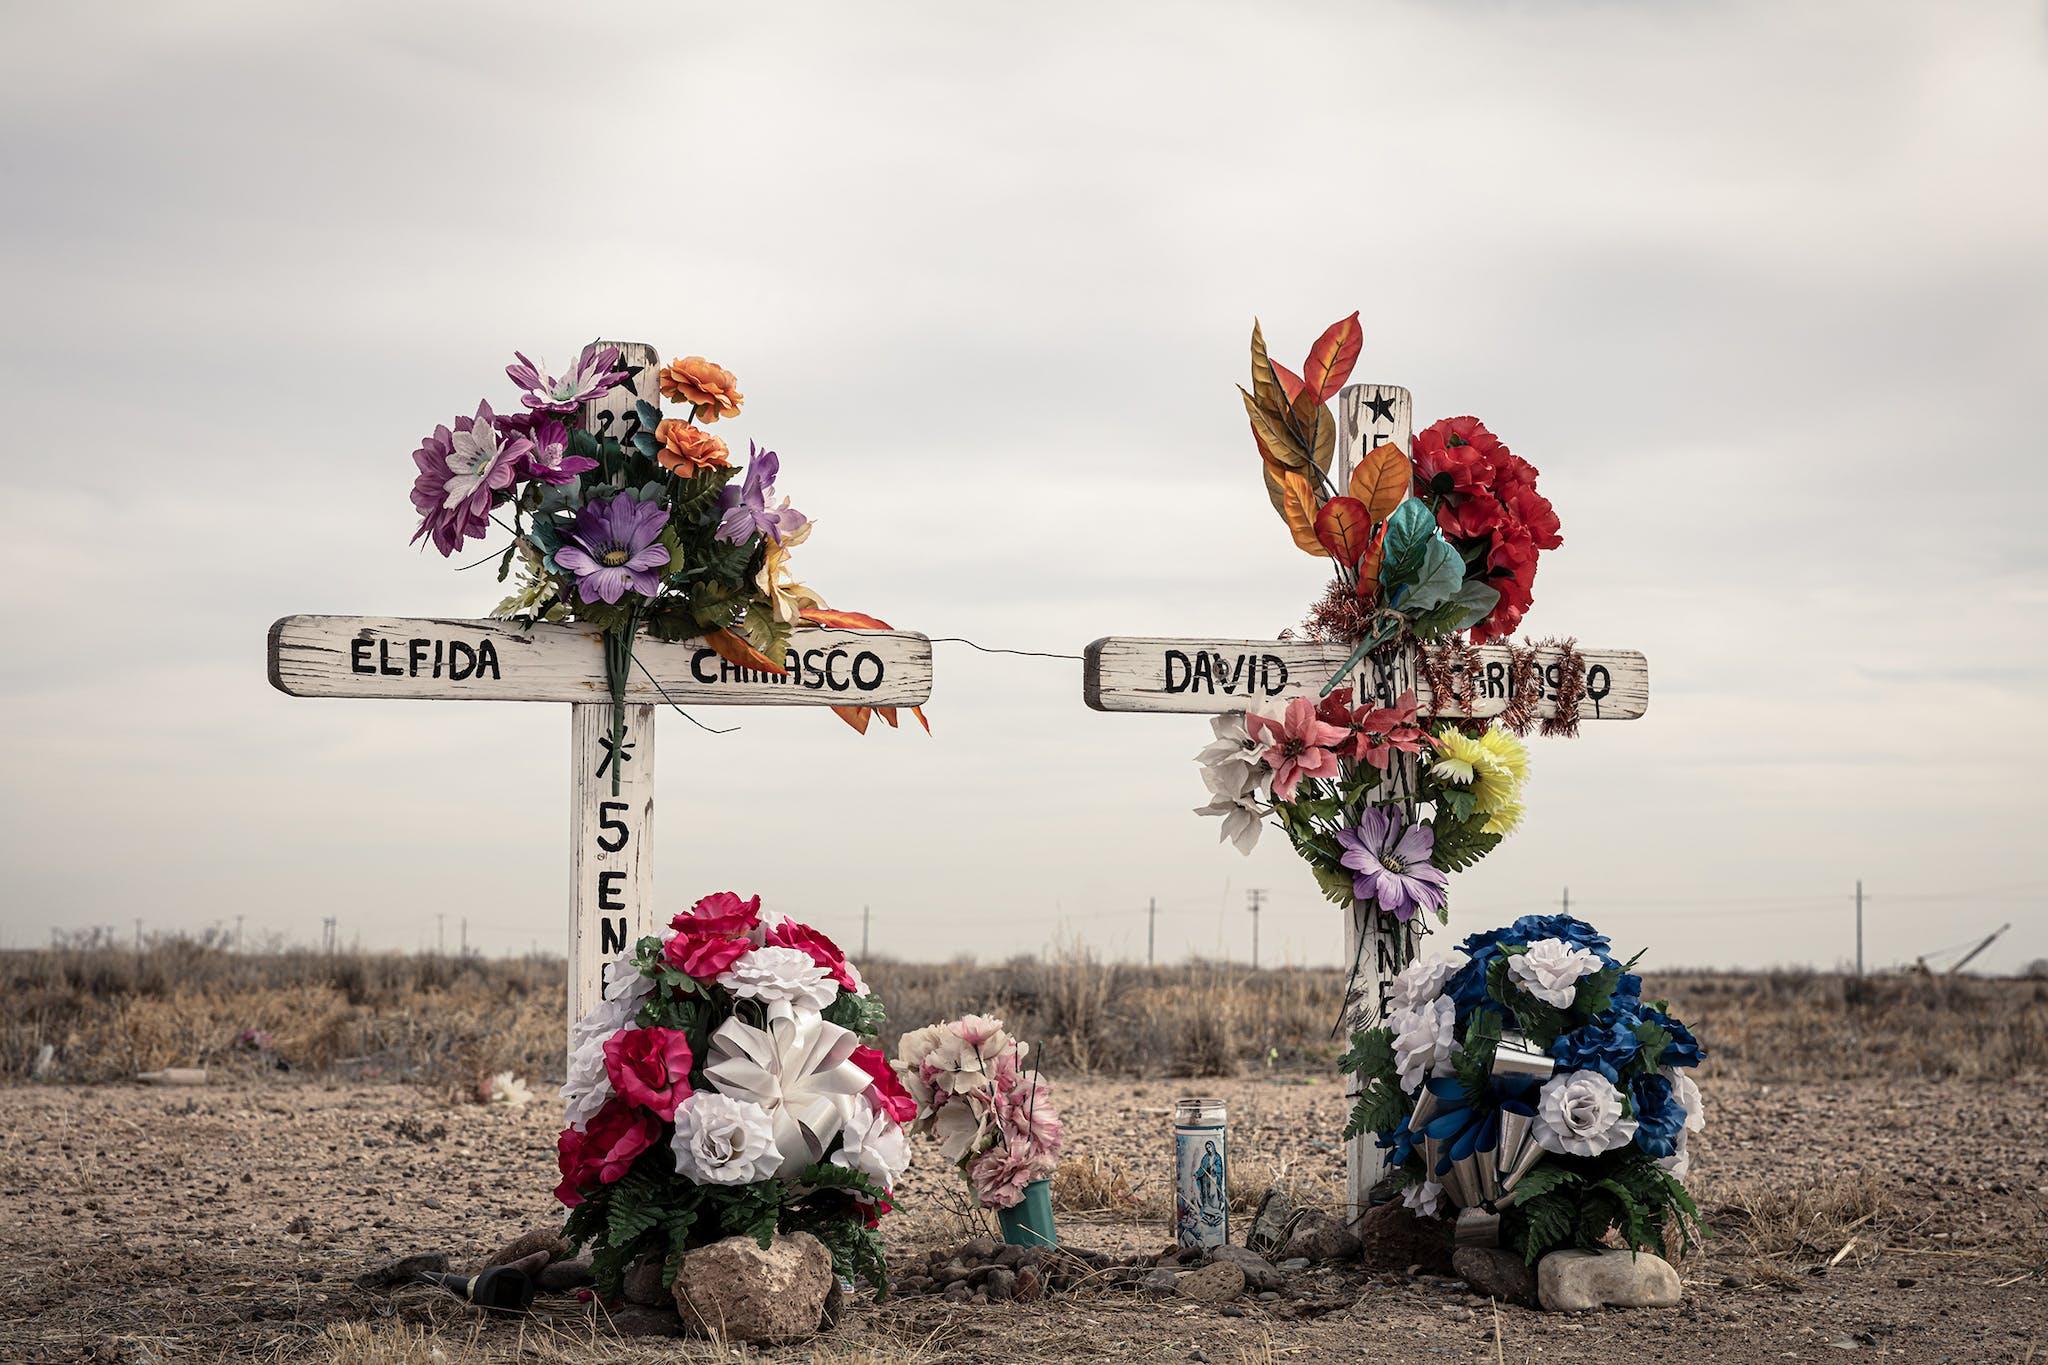 Roadside memorial, in Reeves County.